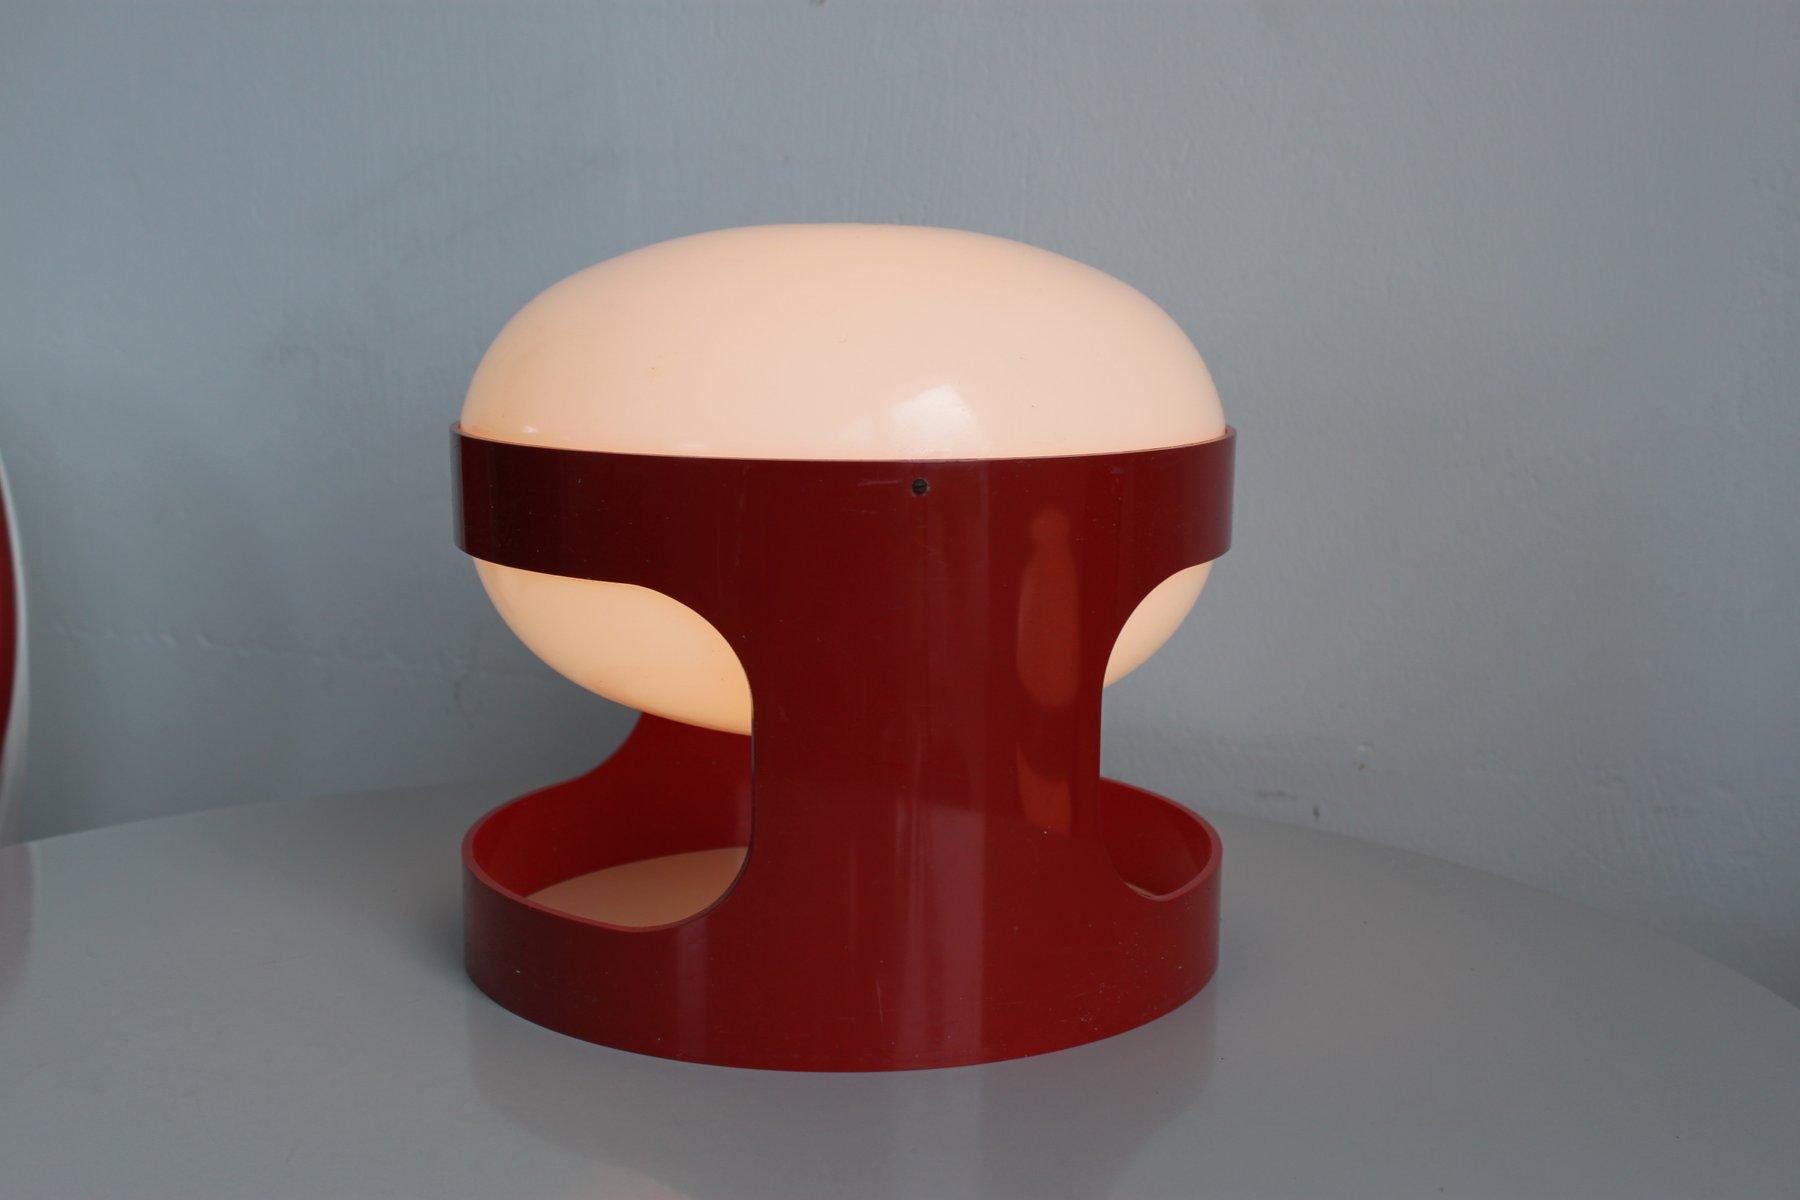 lampe de bureau kd27 rouge par joe colombo pour kartell 1967 en vente sur pamono. Black Bedroom Furniture Sets. Home Design Ideas